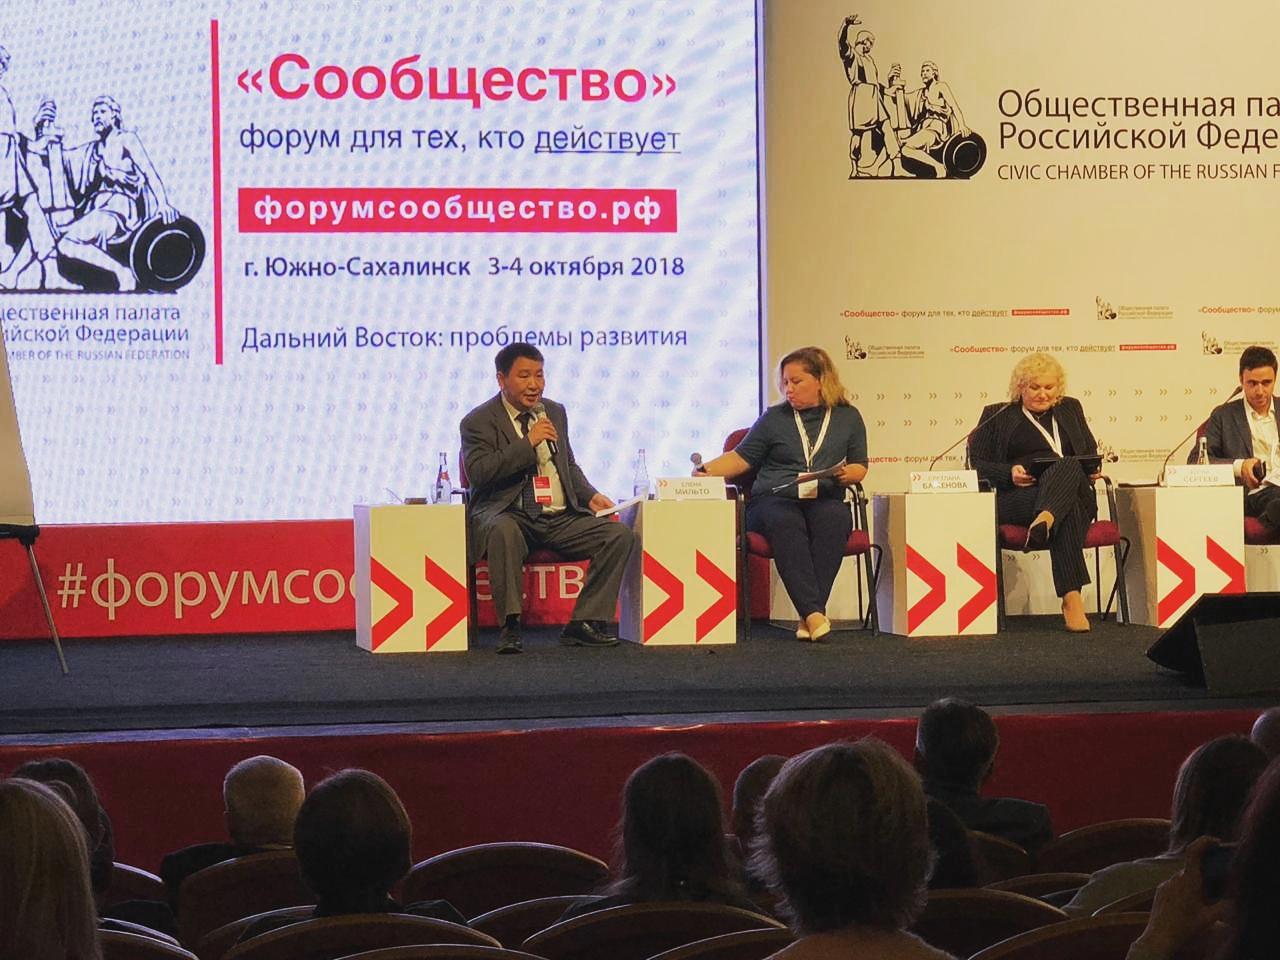 Форум-сообщество в Южно-Сахалинске